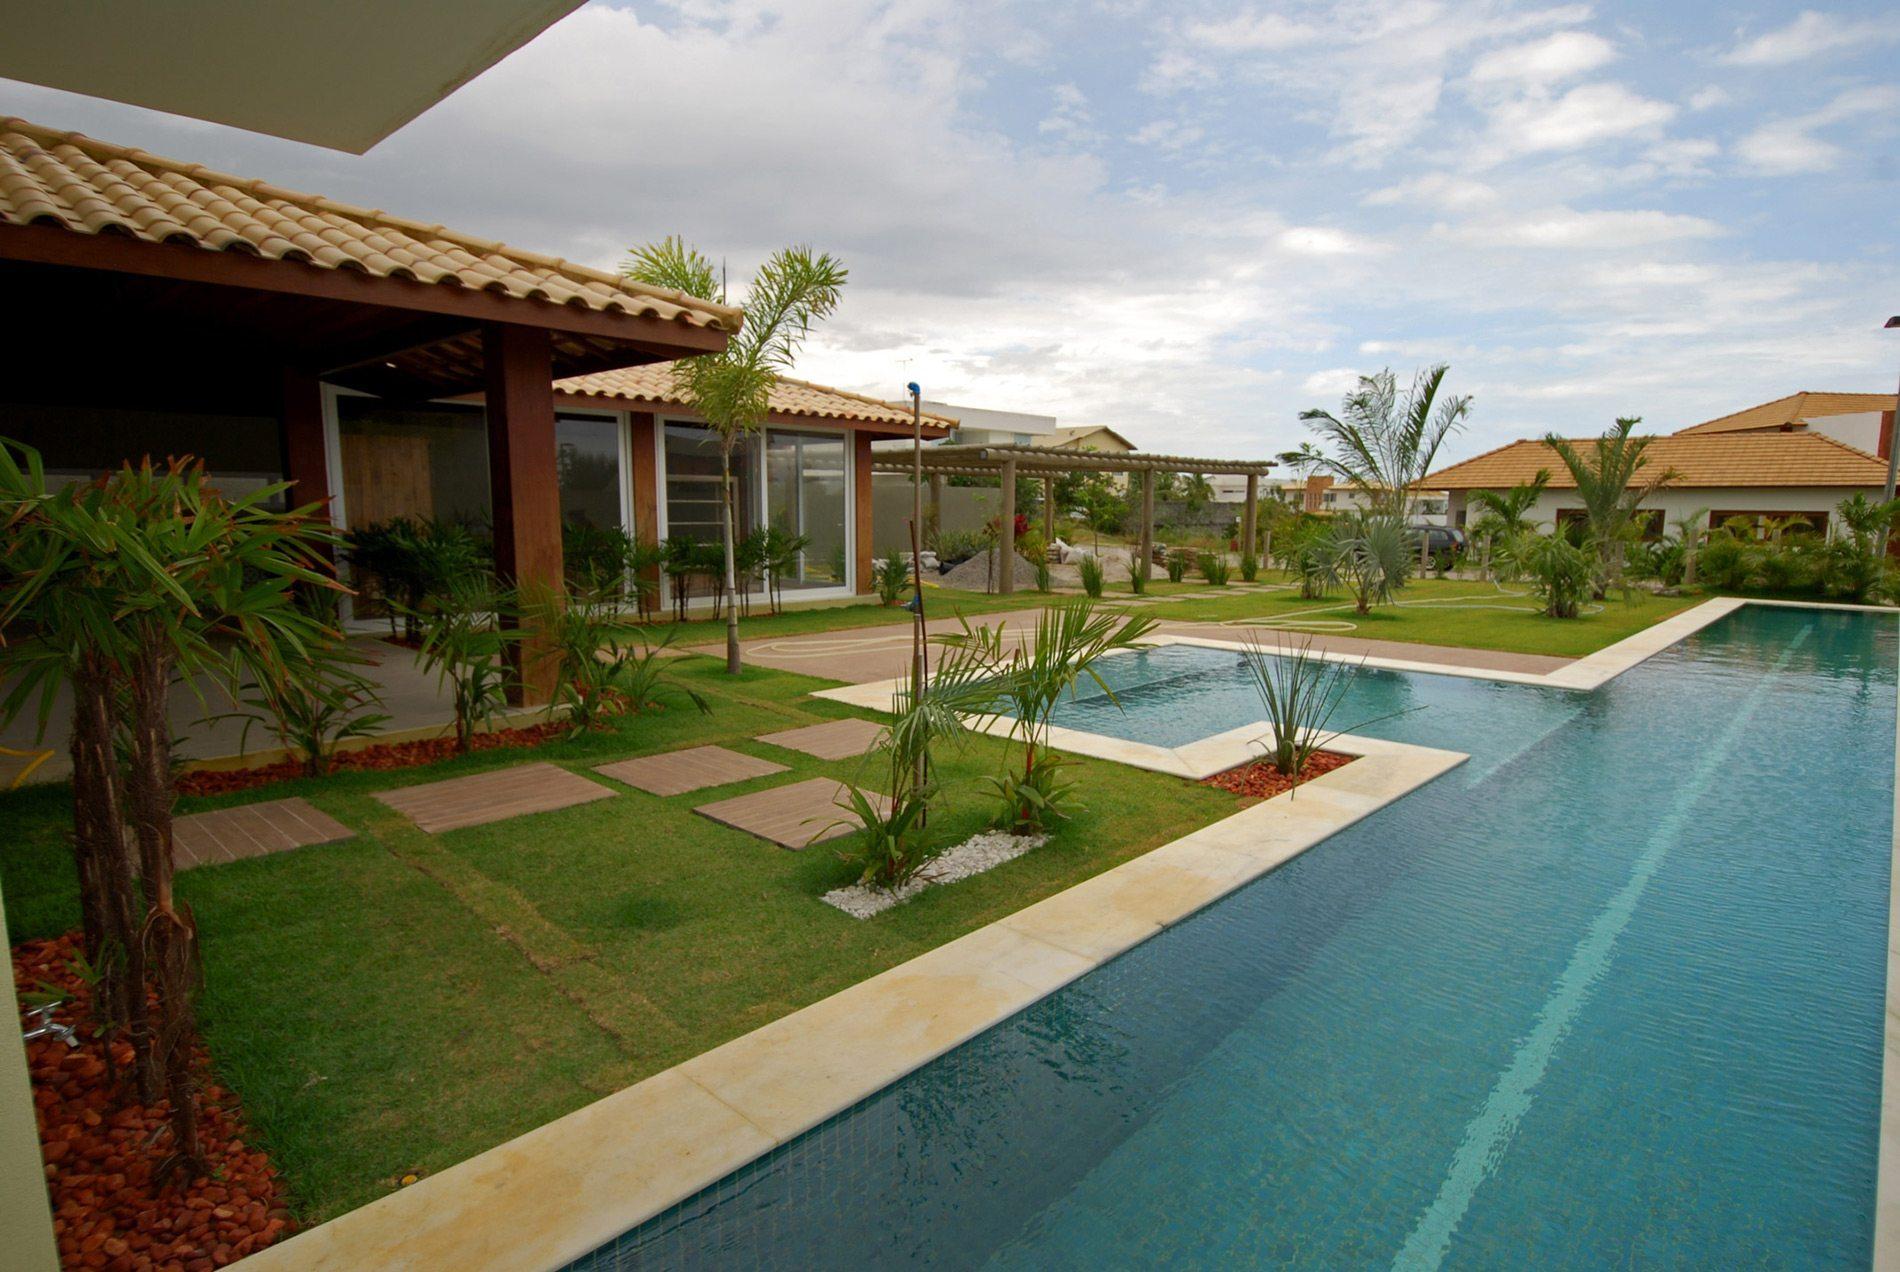 Casa com piscina a venda em busca vida hansen im veis - Piscina para casa ...